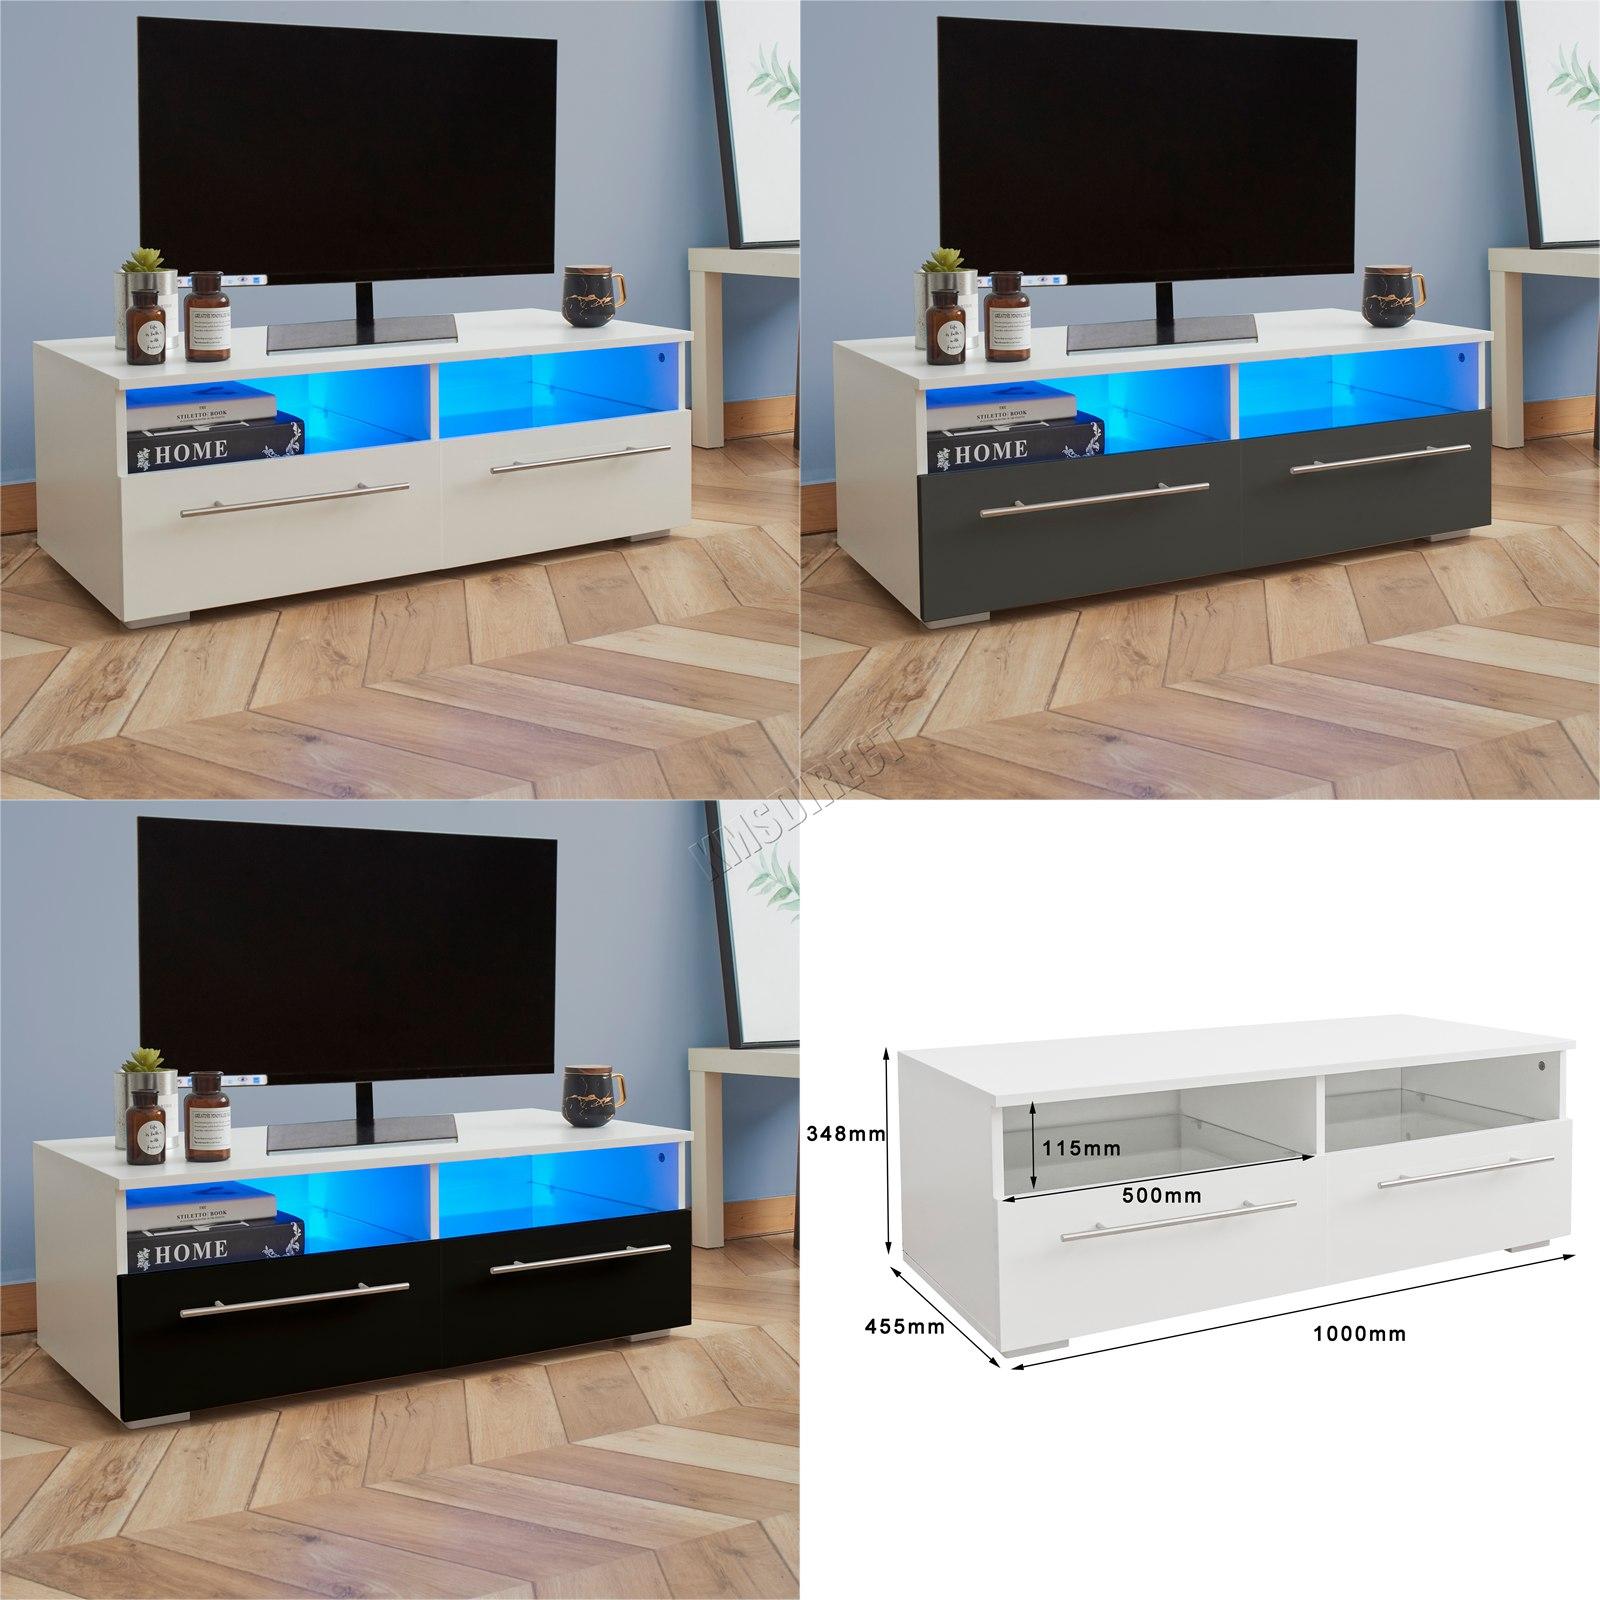 details sur westwood moderne del meuble tv stand armoire brillant portes mat cabinet tvc04 afficher le titre d origine